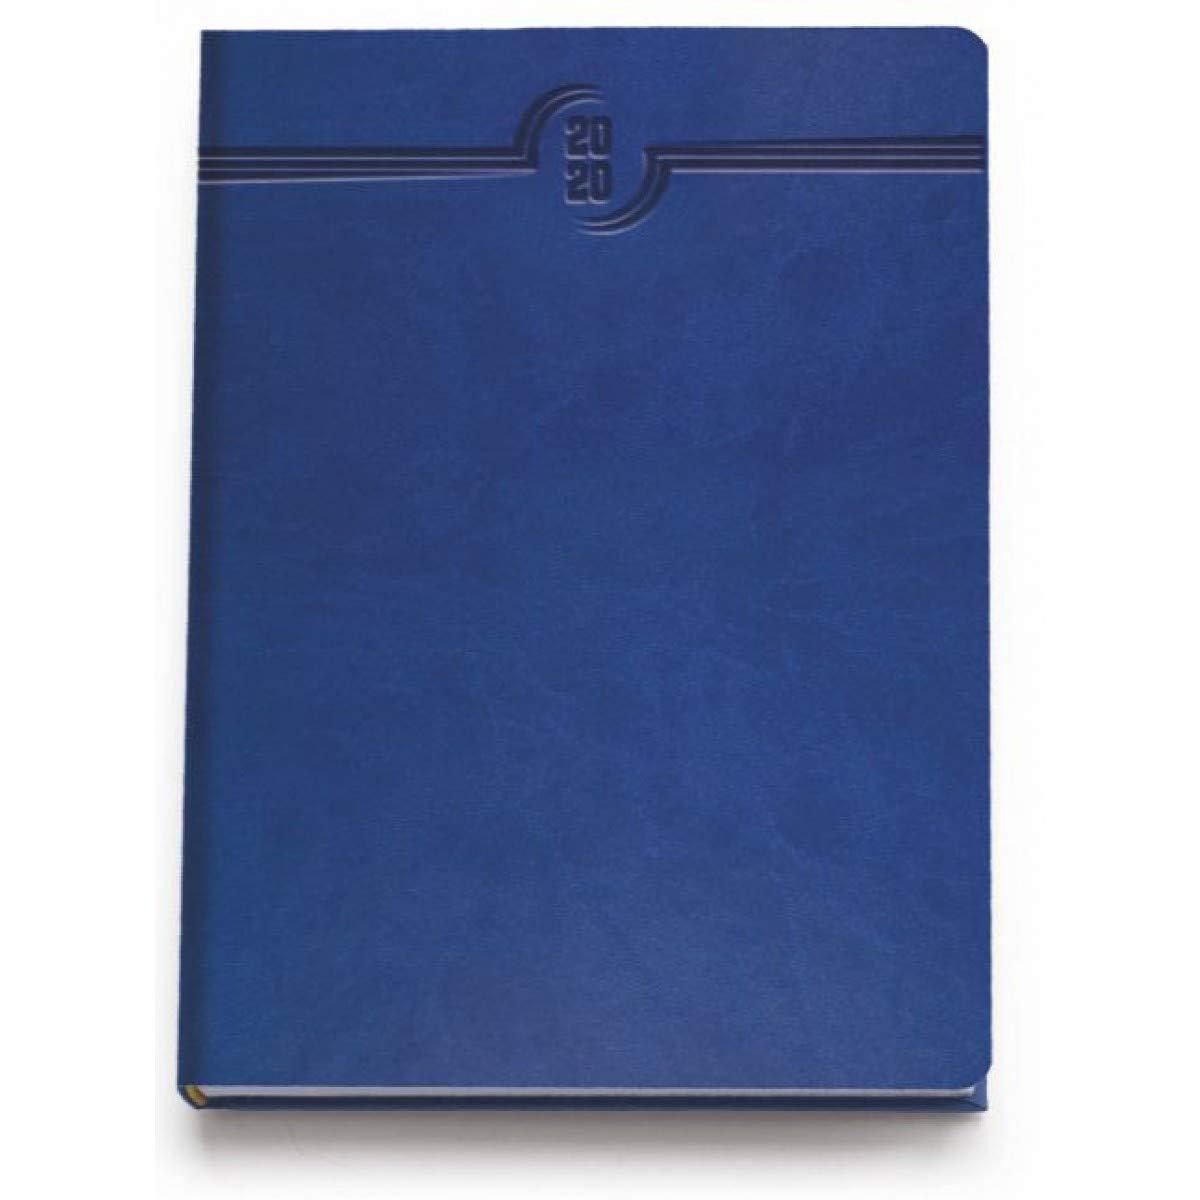 Agenda settimanale 2020 AGENDEPOINT.IT/® termovirante 17x24 blu